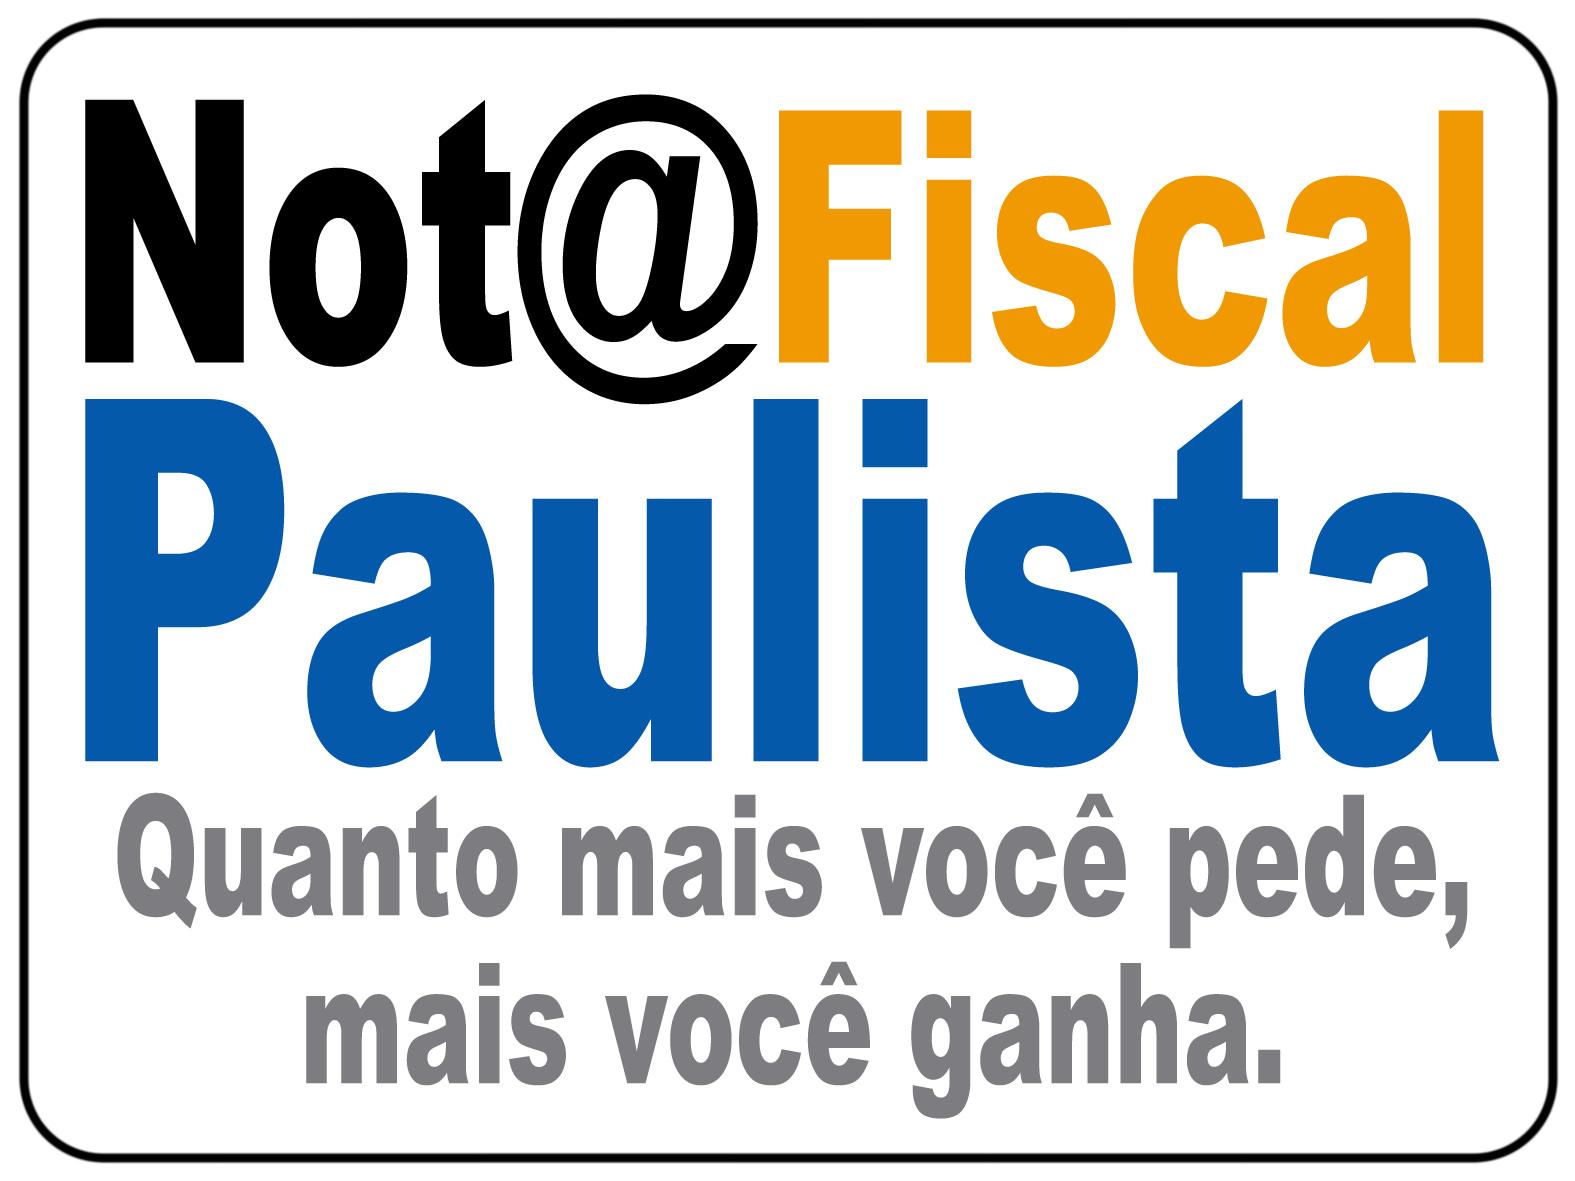 nota-fiscal-paulista-logo